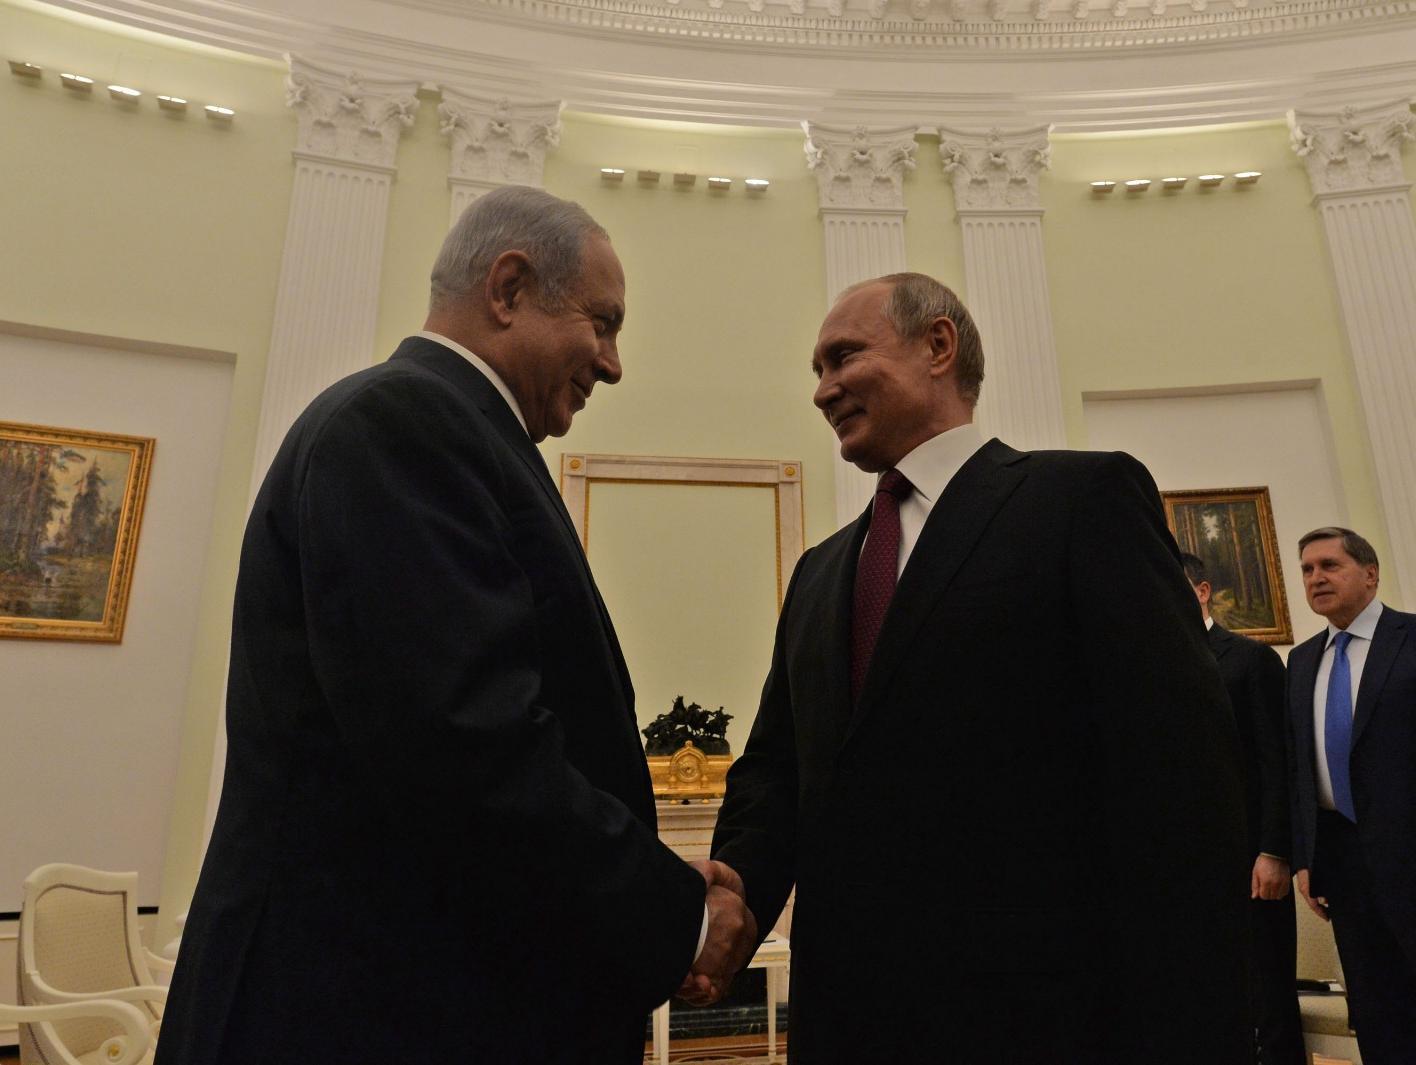 פוטין לנתניהו: יש לשפר את היחסים הצבאיים בין רוסיה לישראל